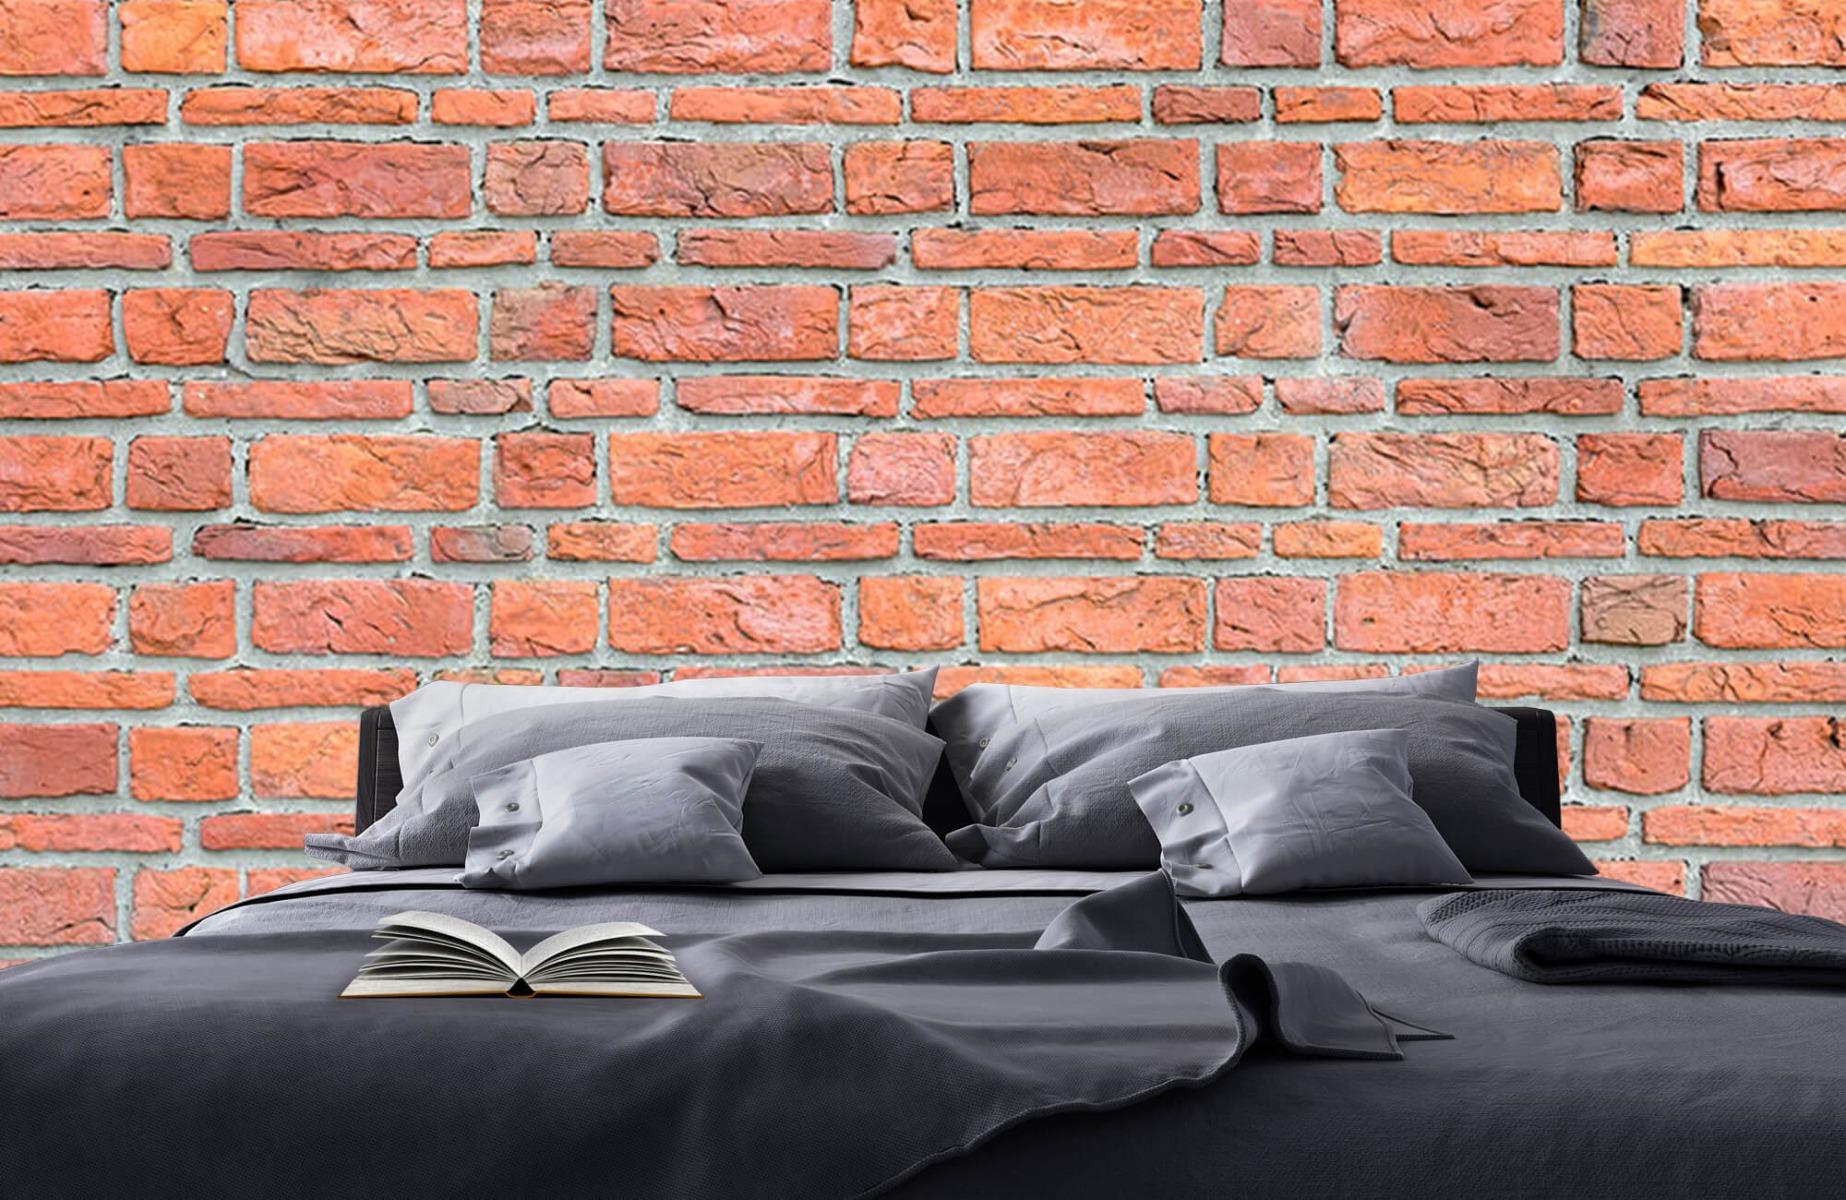 Steen behang - Bakstenen met oud beton - Wallexclusive - Slaapkamer 18